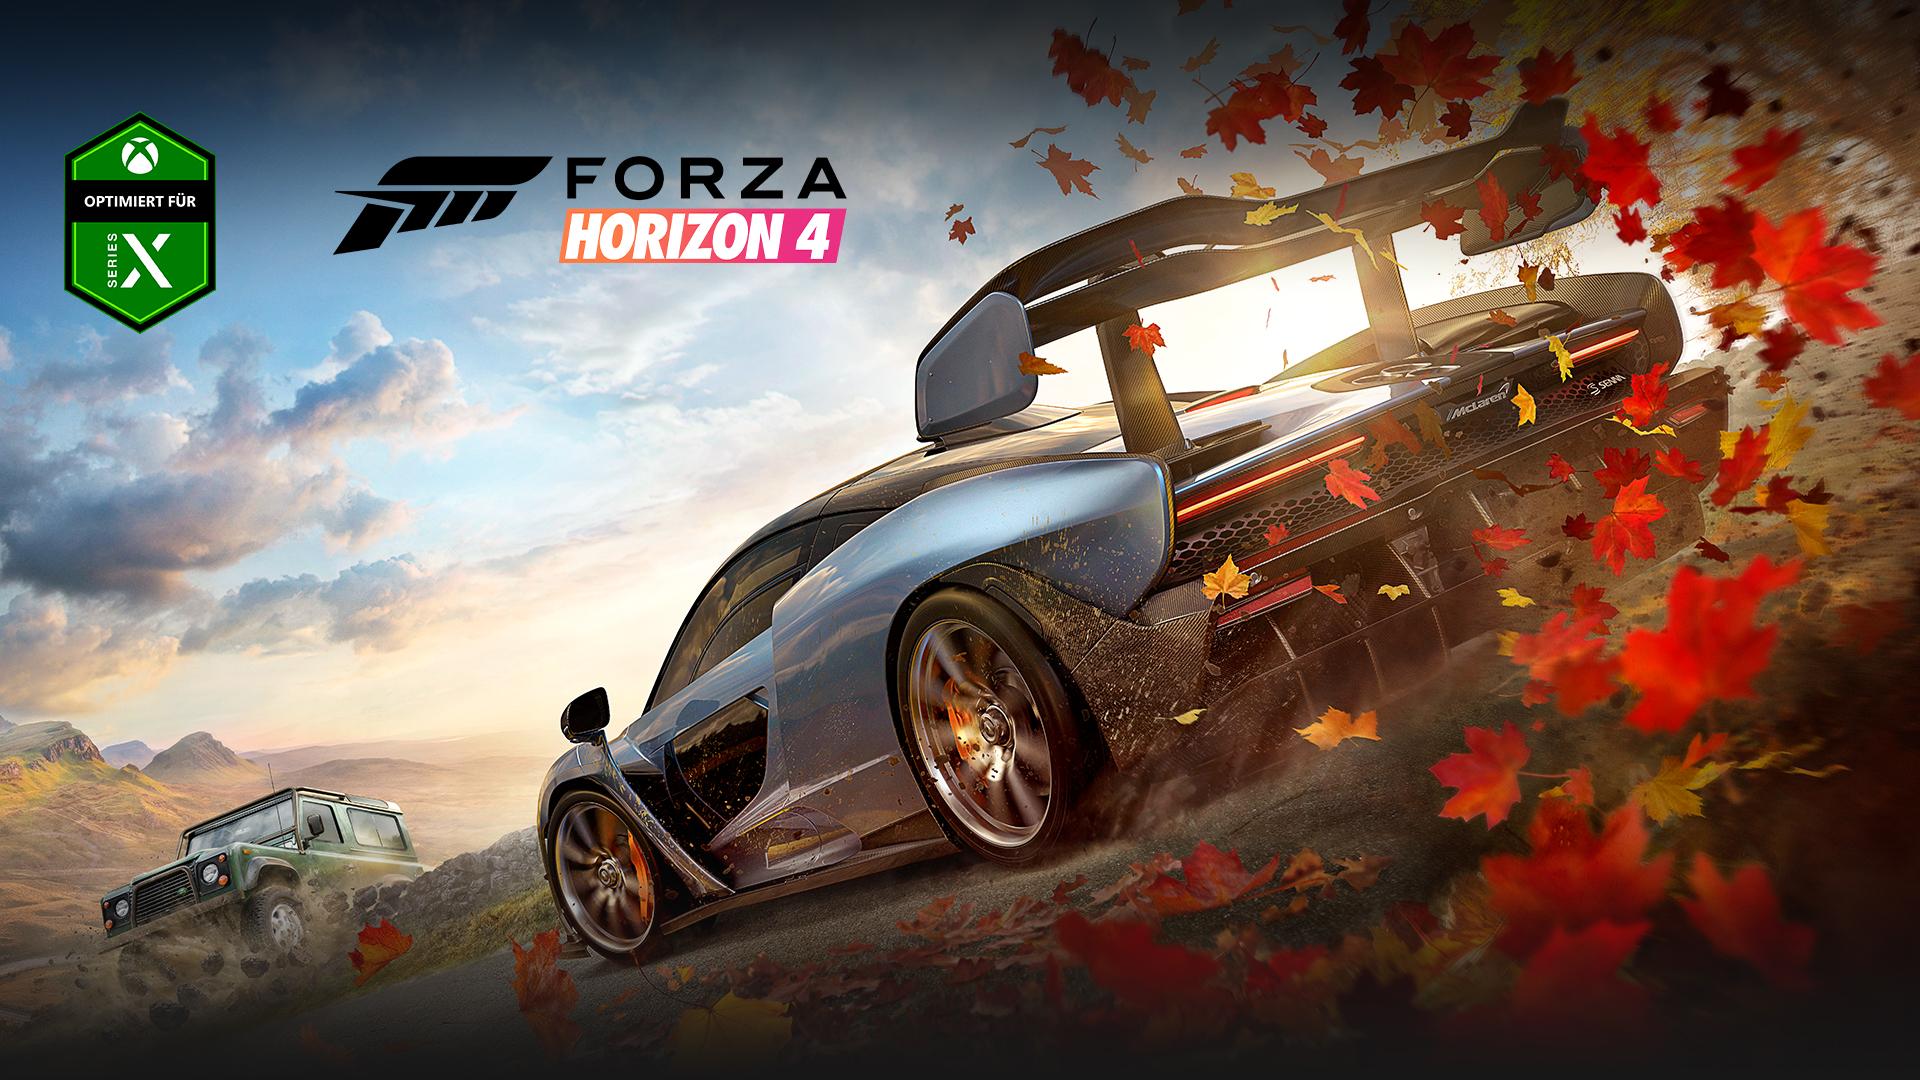 Optimiert für Xbox Series X, Forza Horizon 4, zwei Autos mit Blättern hinter einem von ihnen